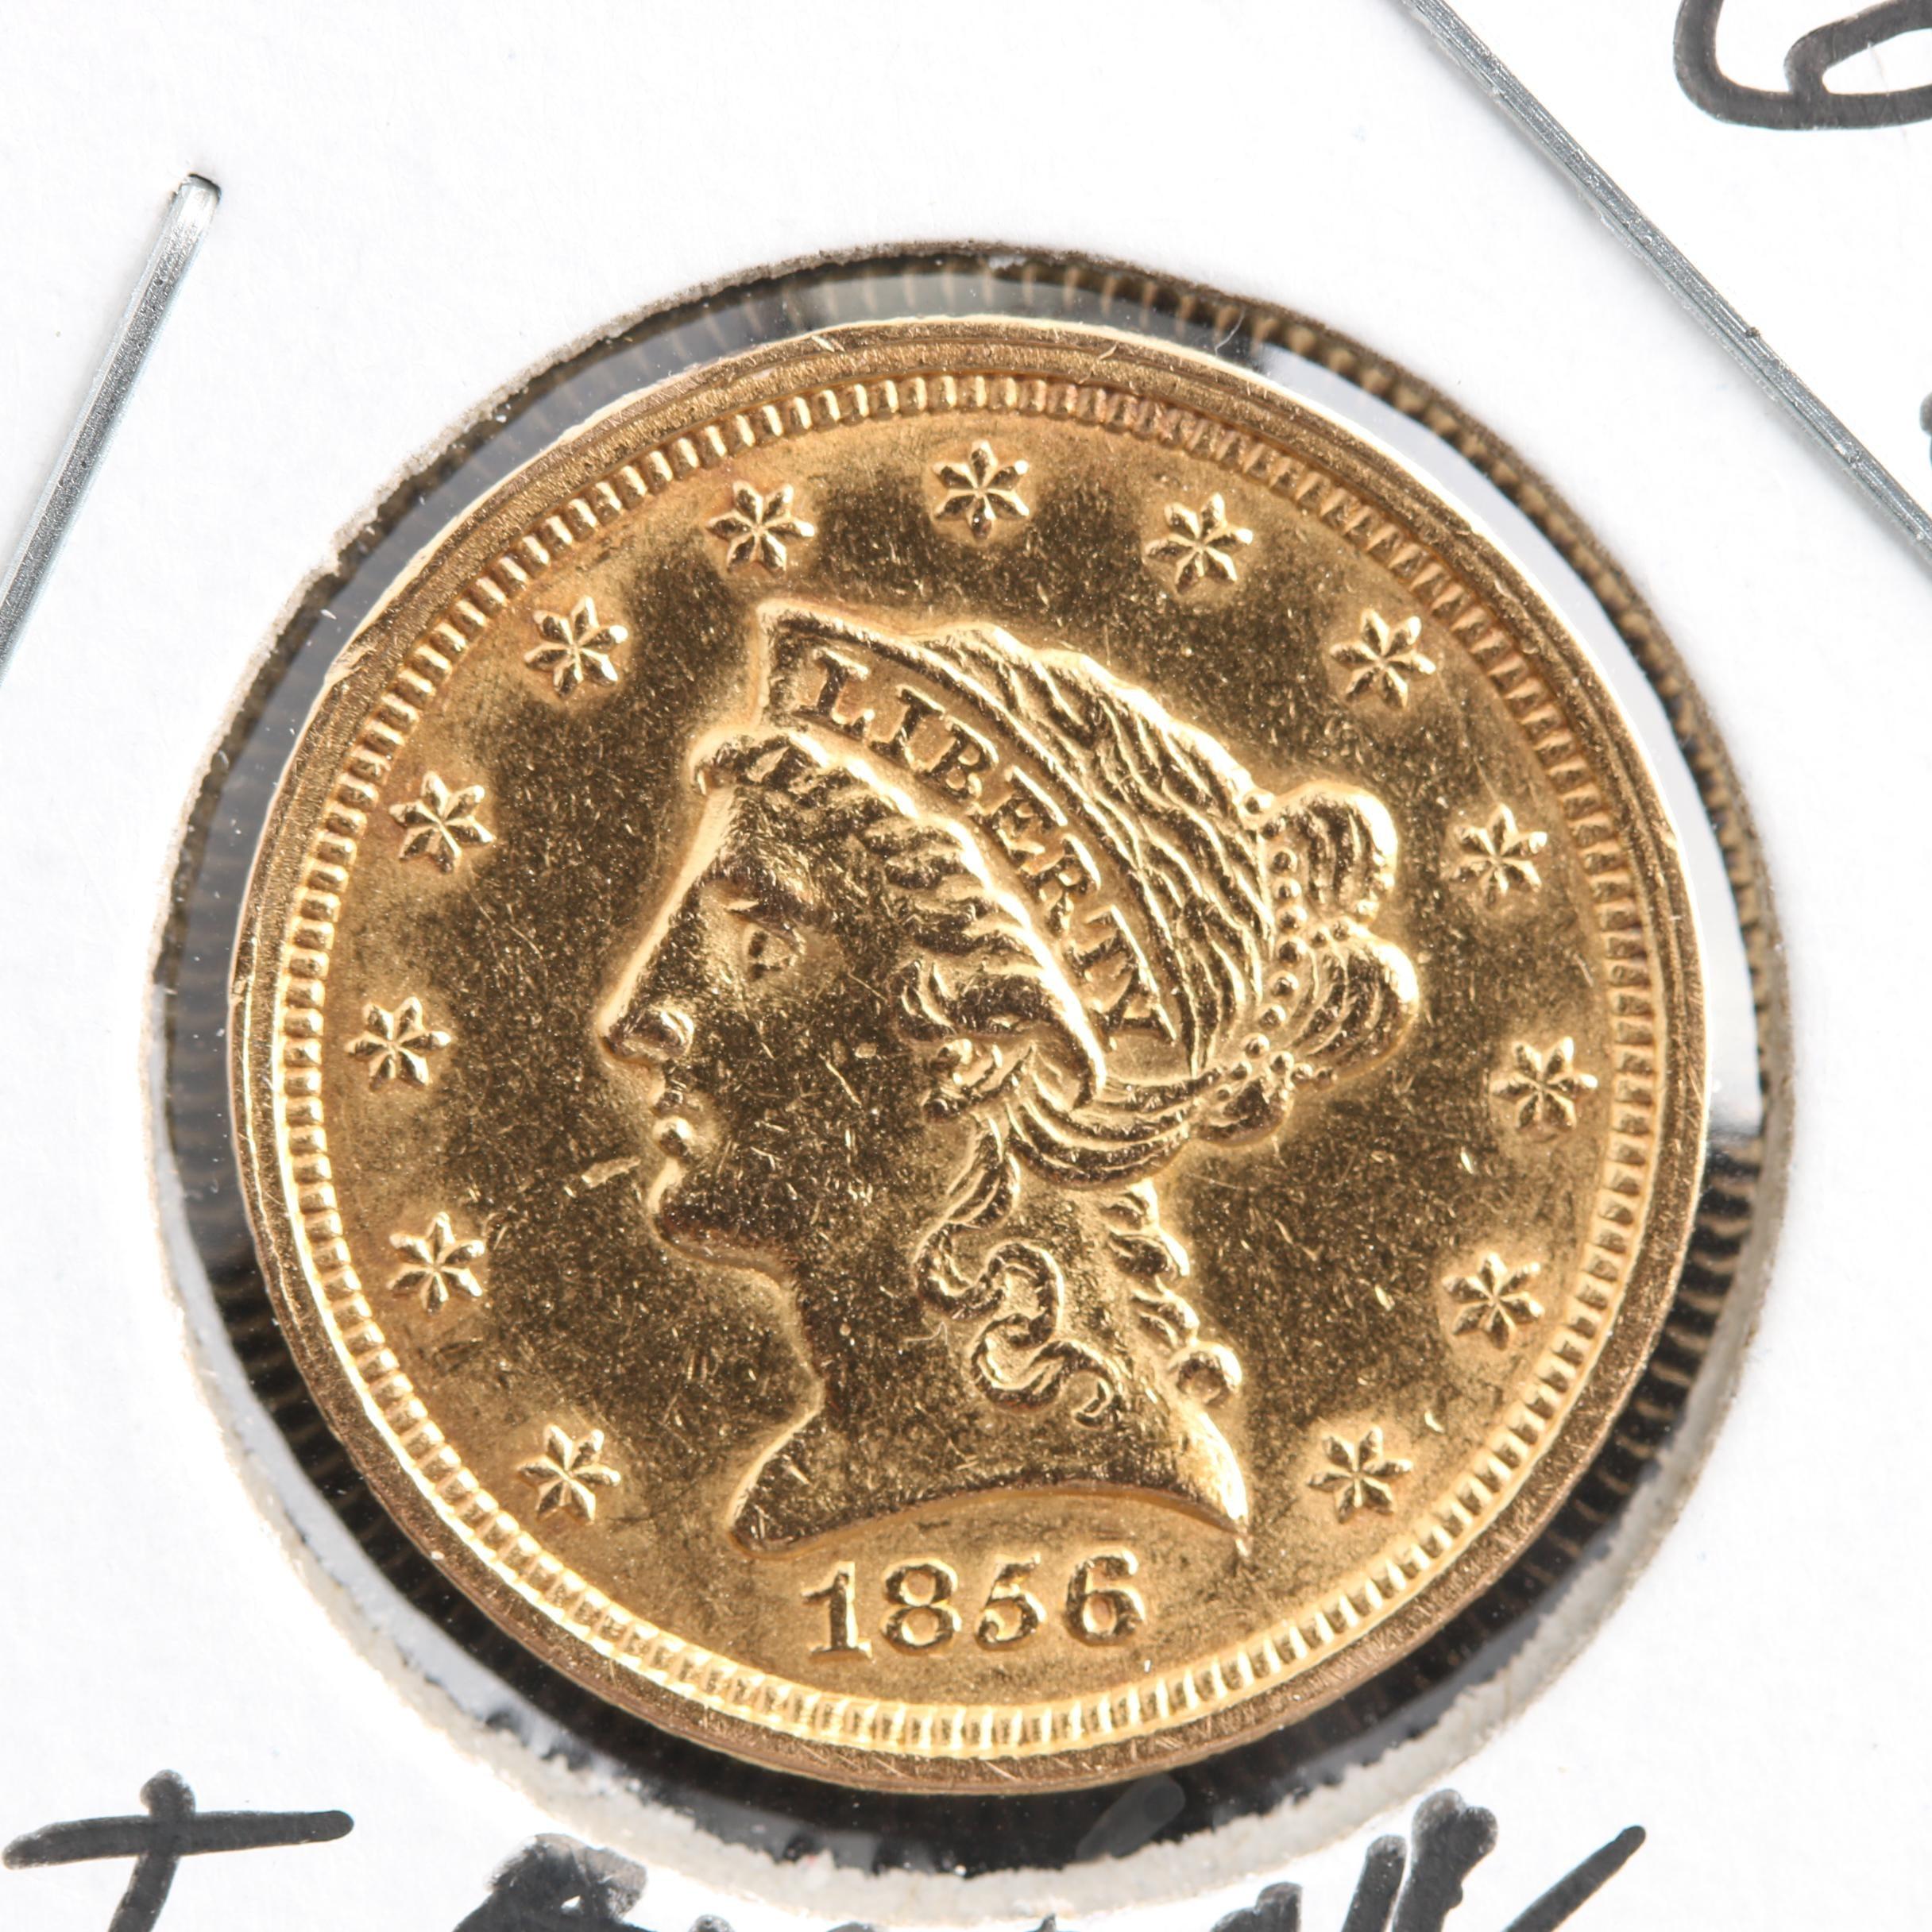 1856 Liberty Head $2.50 Gold Quarter Eagle